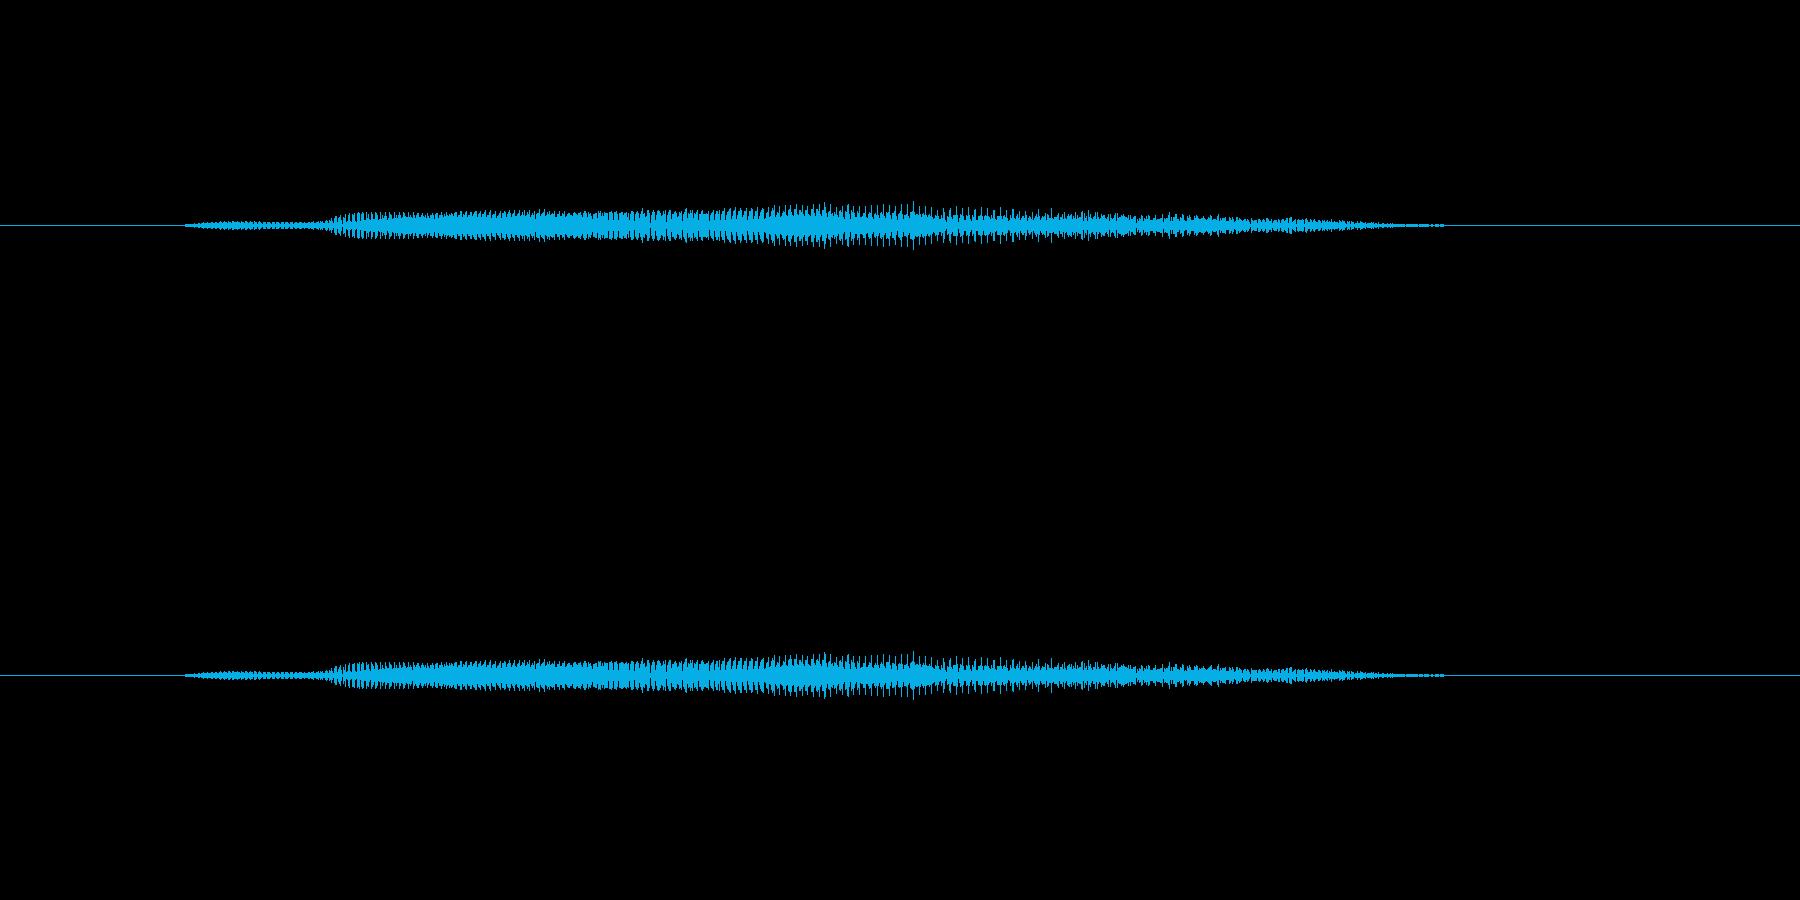 ニャー_猫声-19の再生済みの波形